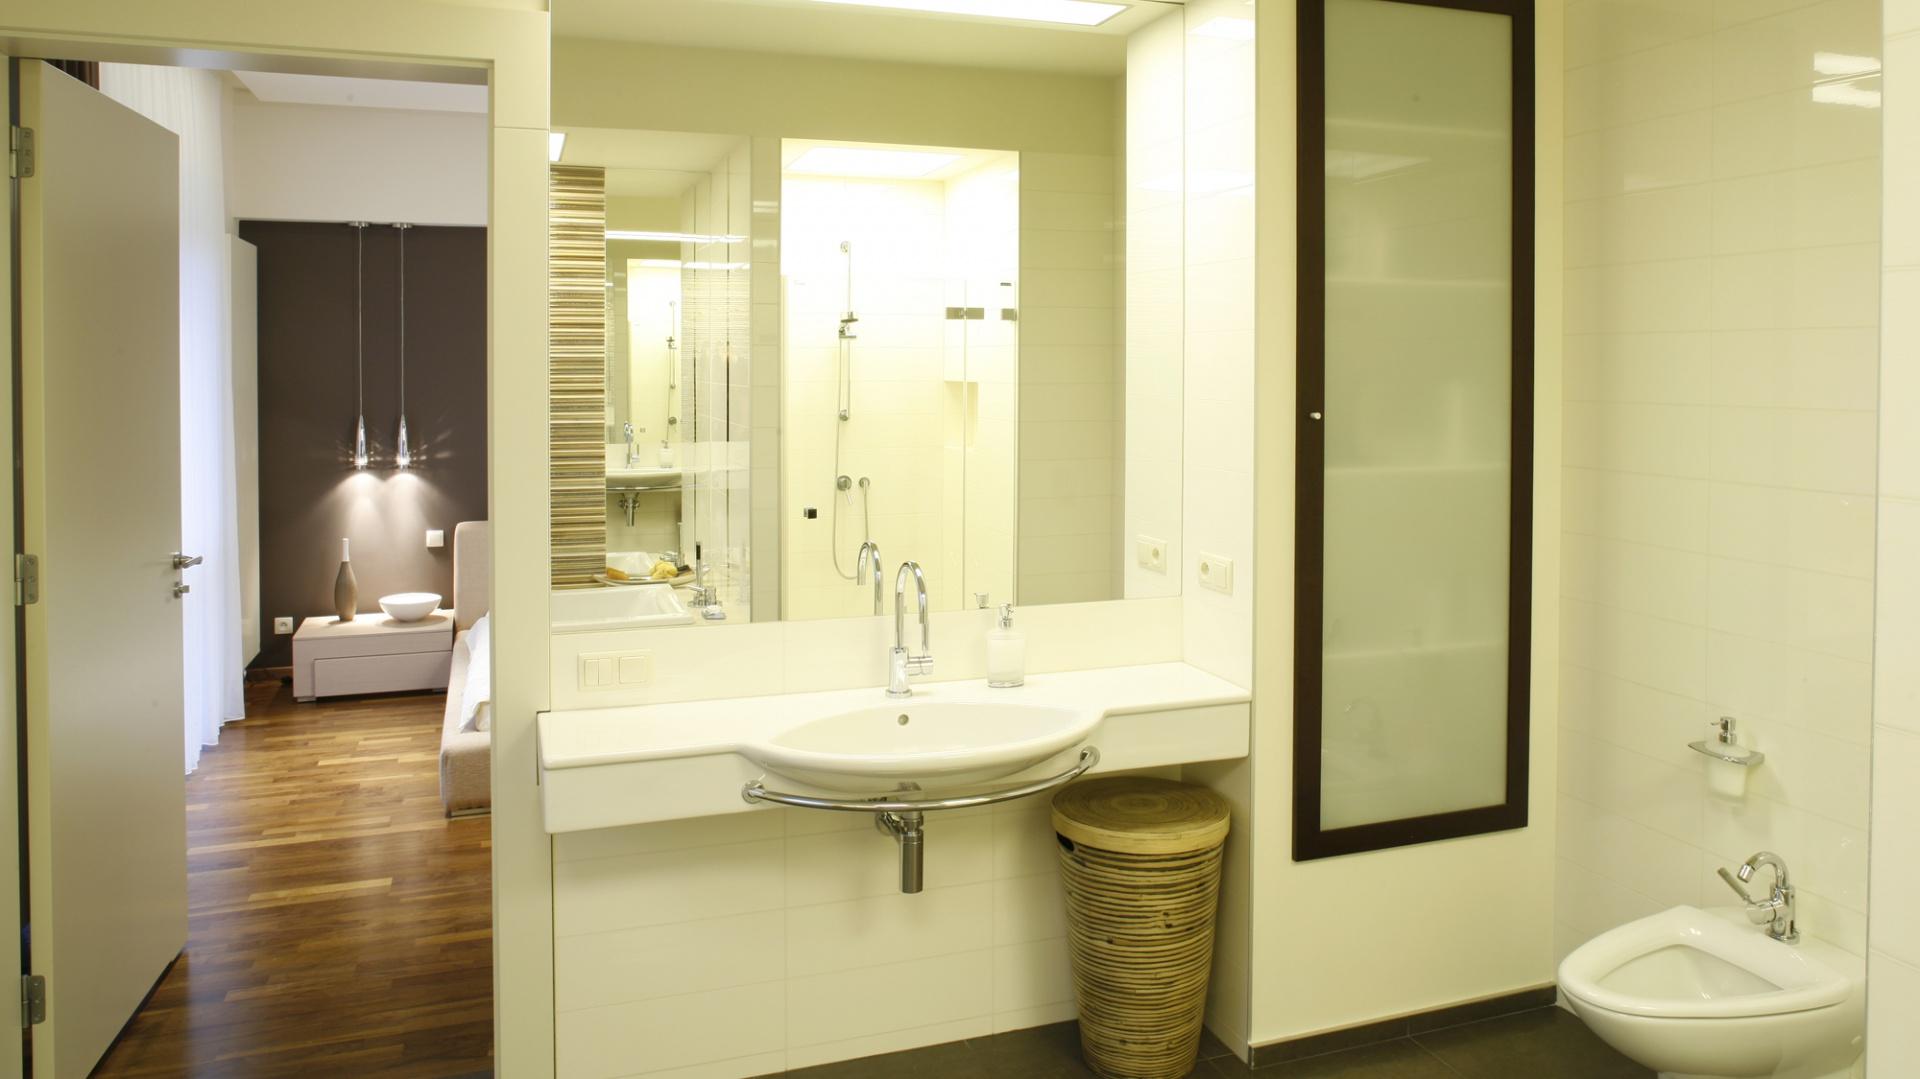 Przy jednej ze ścian umieszczono umywalkę (Laufen), a obok – WC (Villeroy